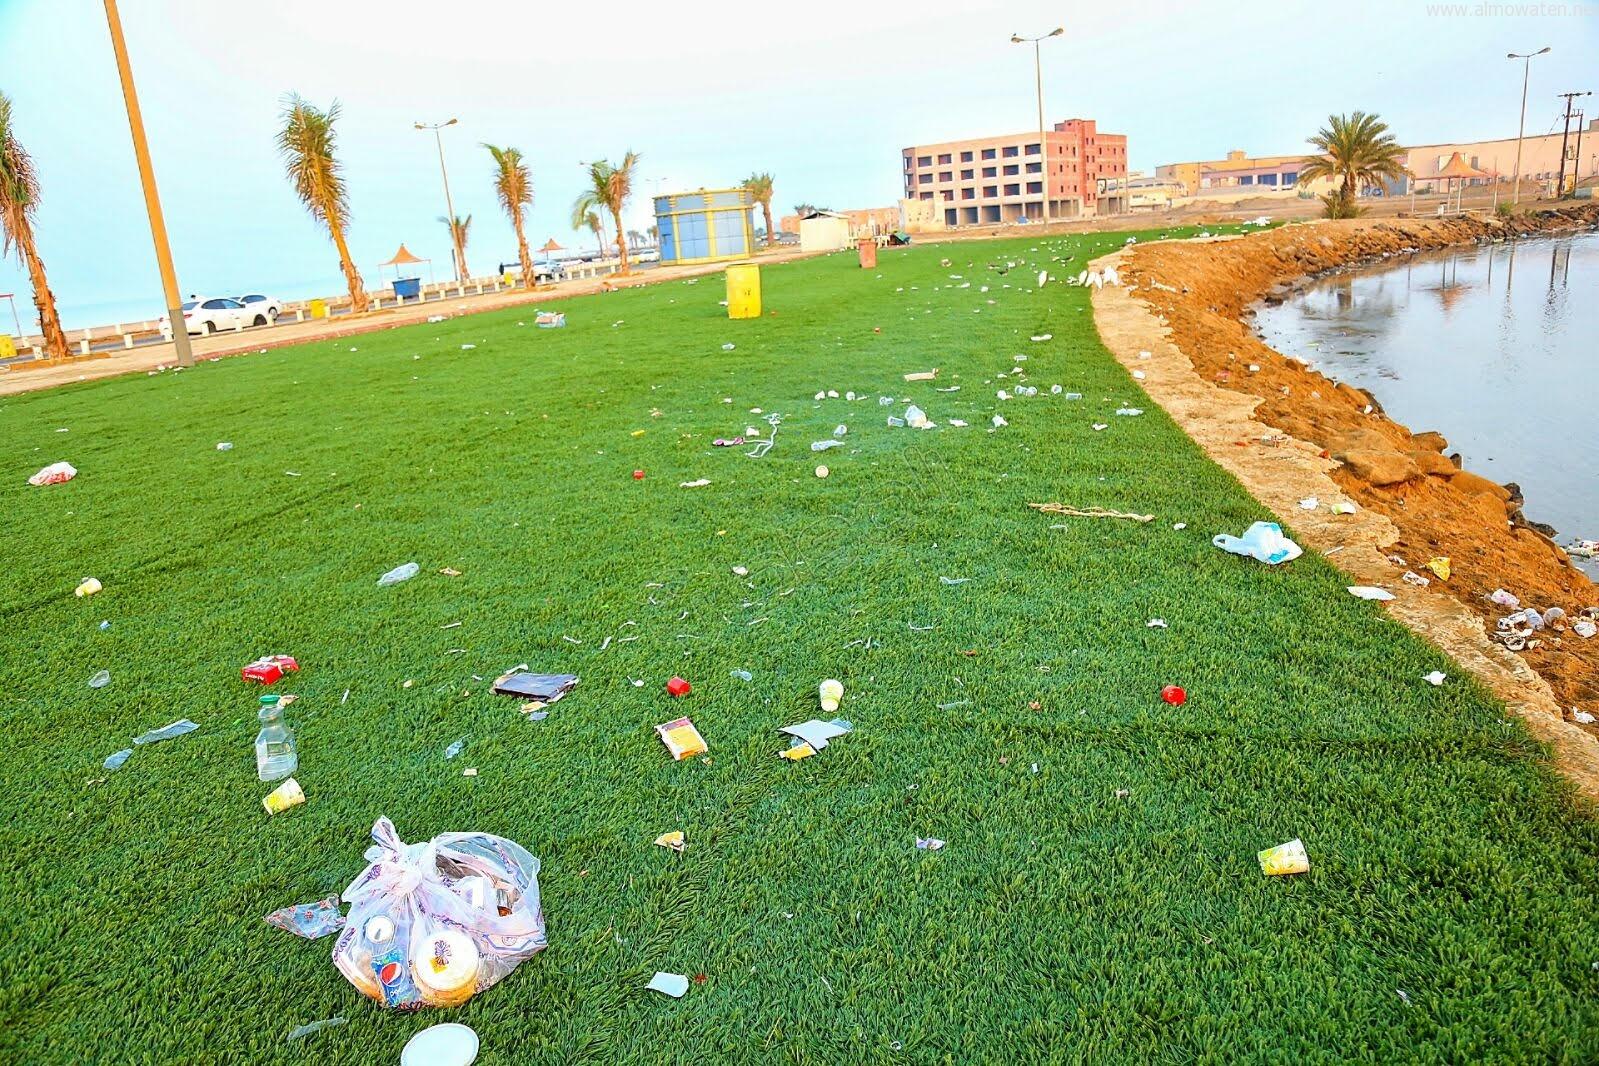 """أكوام النفايات تسبب عزوف الزوار عن كورنيش """"القنفذة"""" - المواطن"""